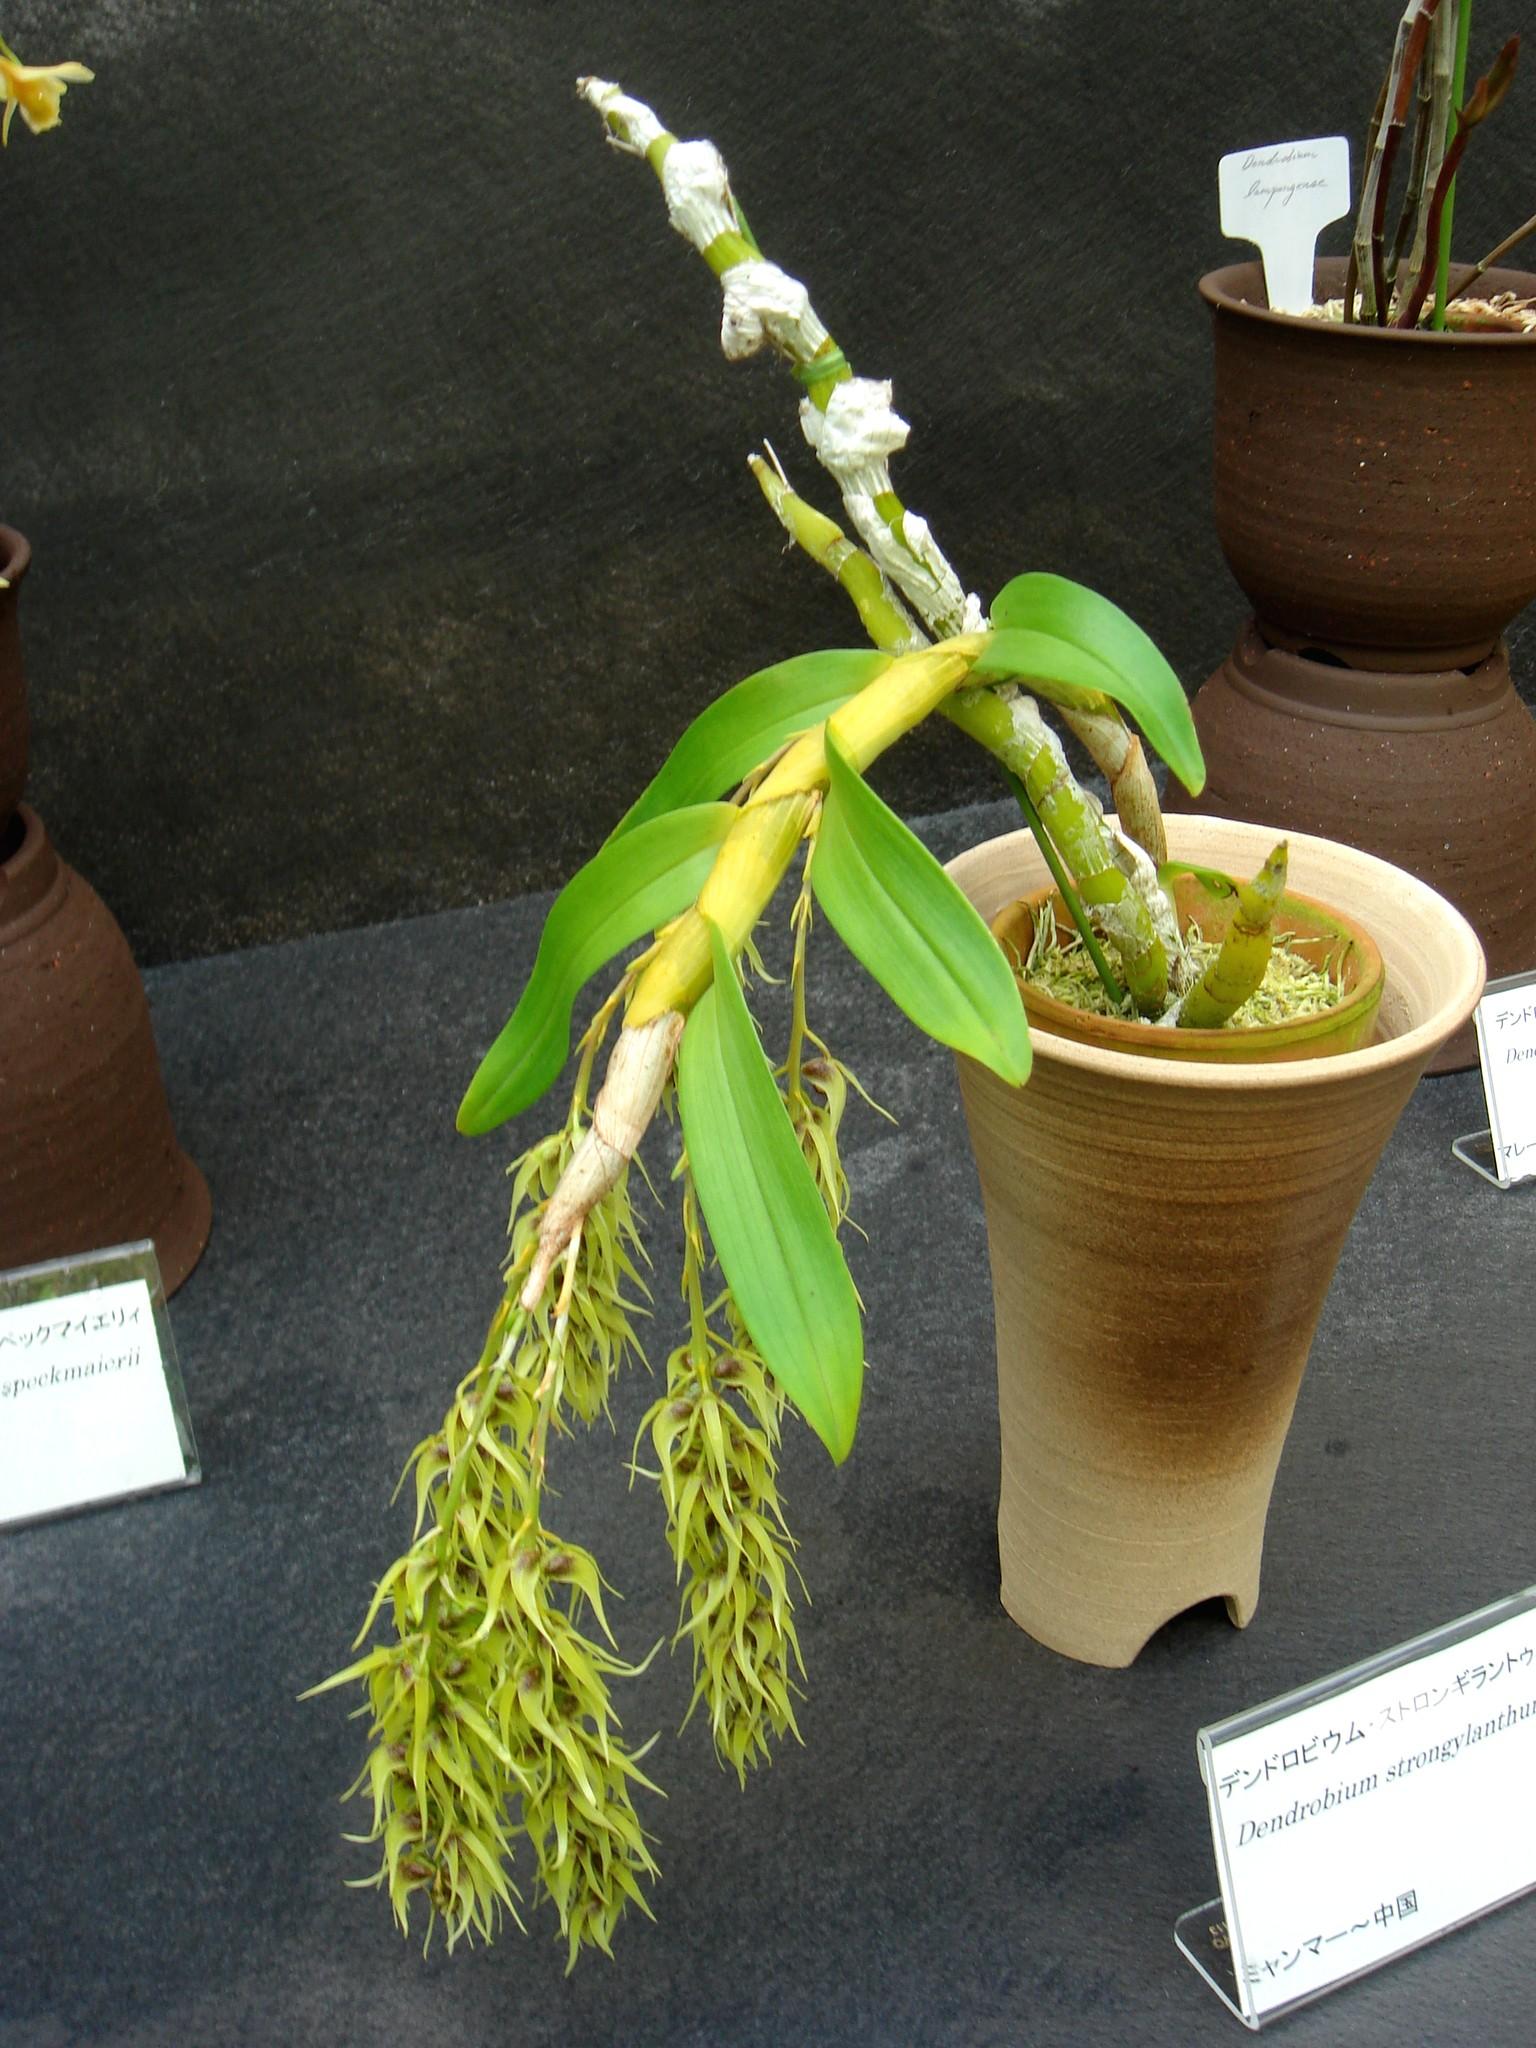 http://orchids.la.coocan.jp/Dendrobium/Dendrobium%20strongylanthum/DSC01704.JPG